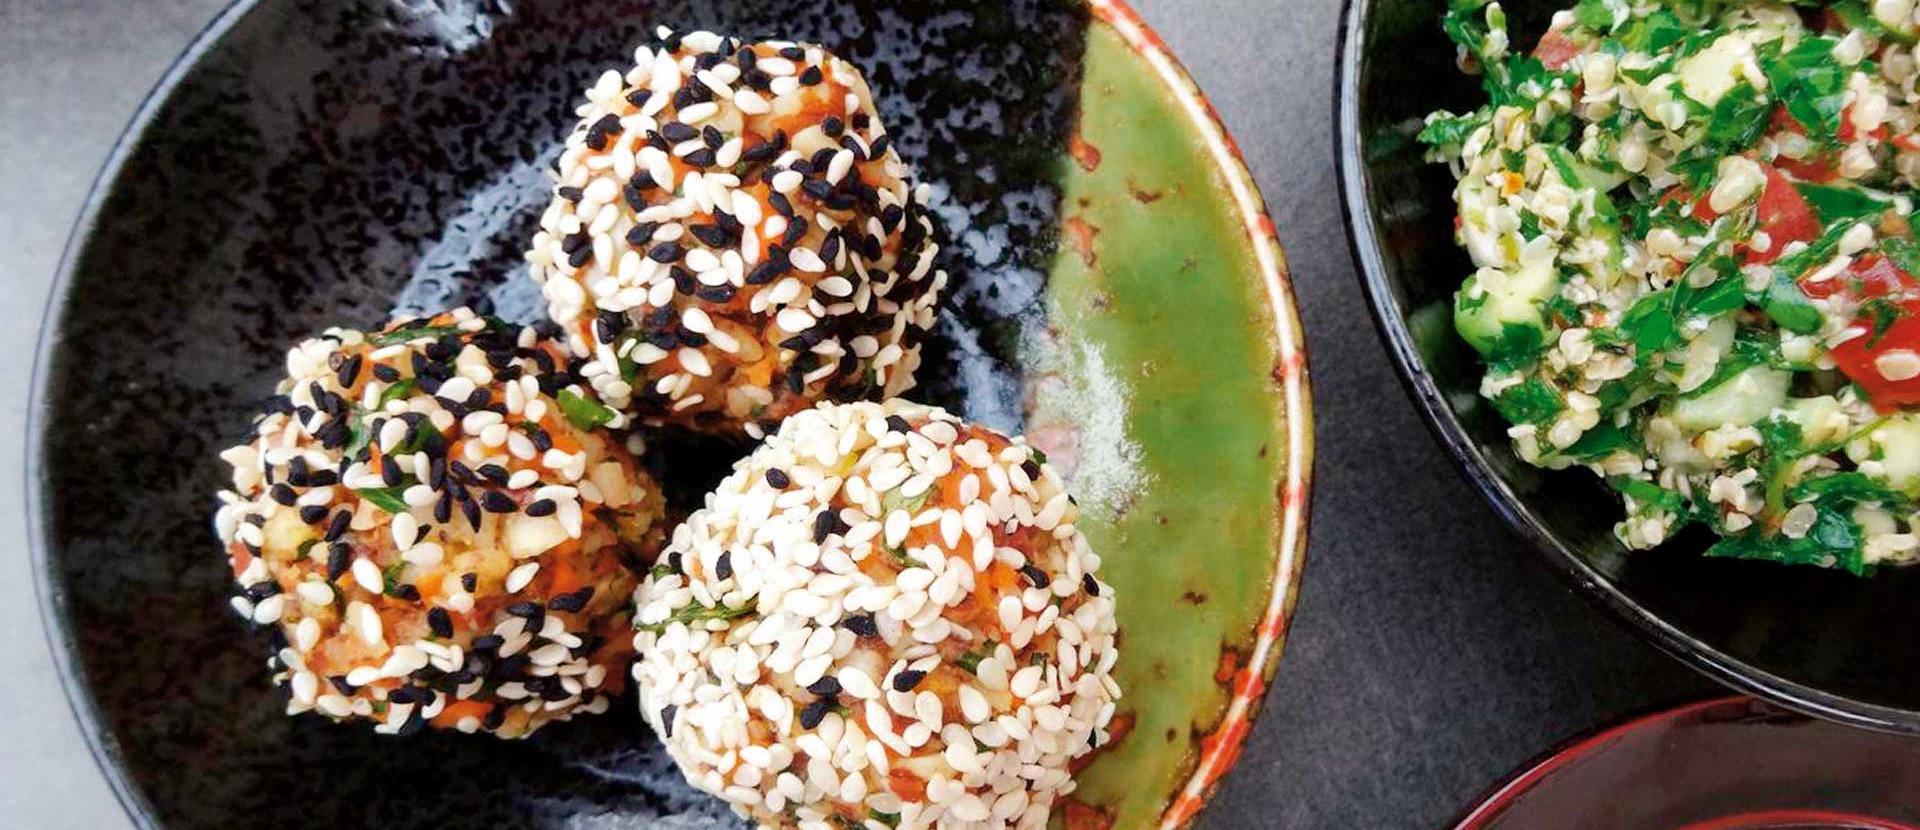 Falafel Taboule Tahini Sauce